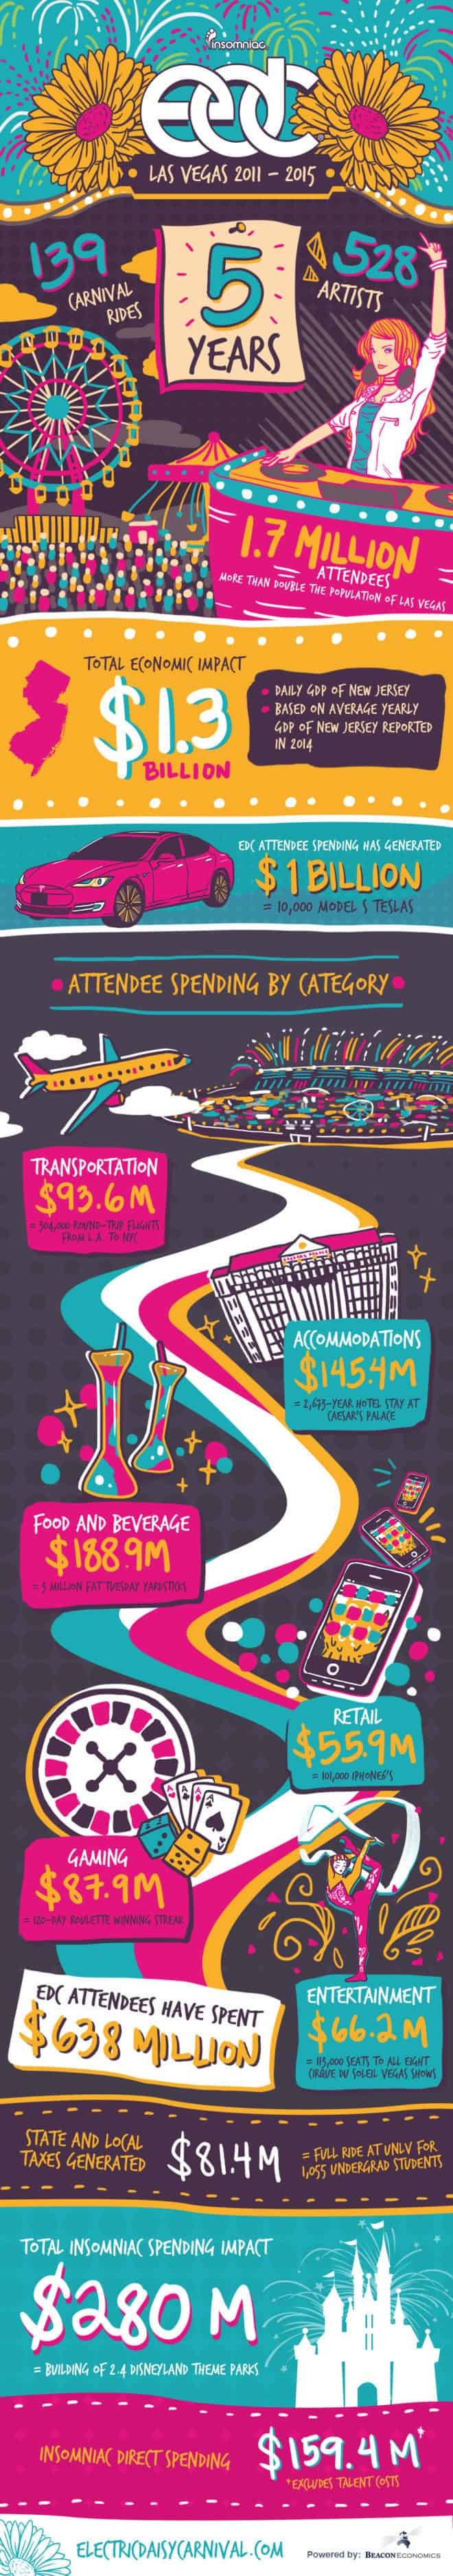 EDC-Las-Vegas-2015-Economic-Impact-Infographic